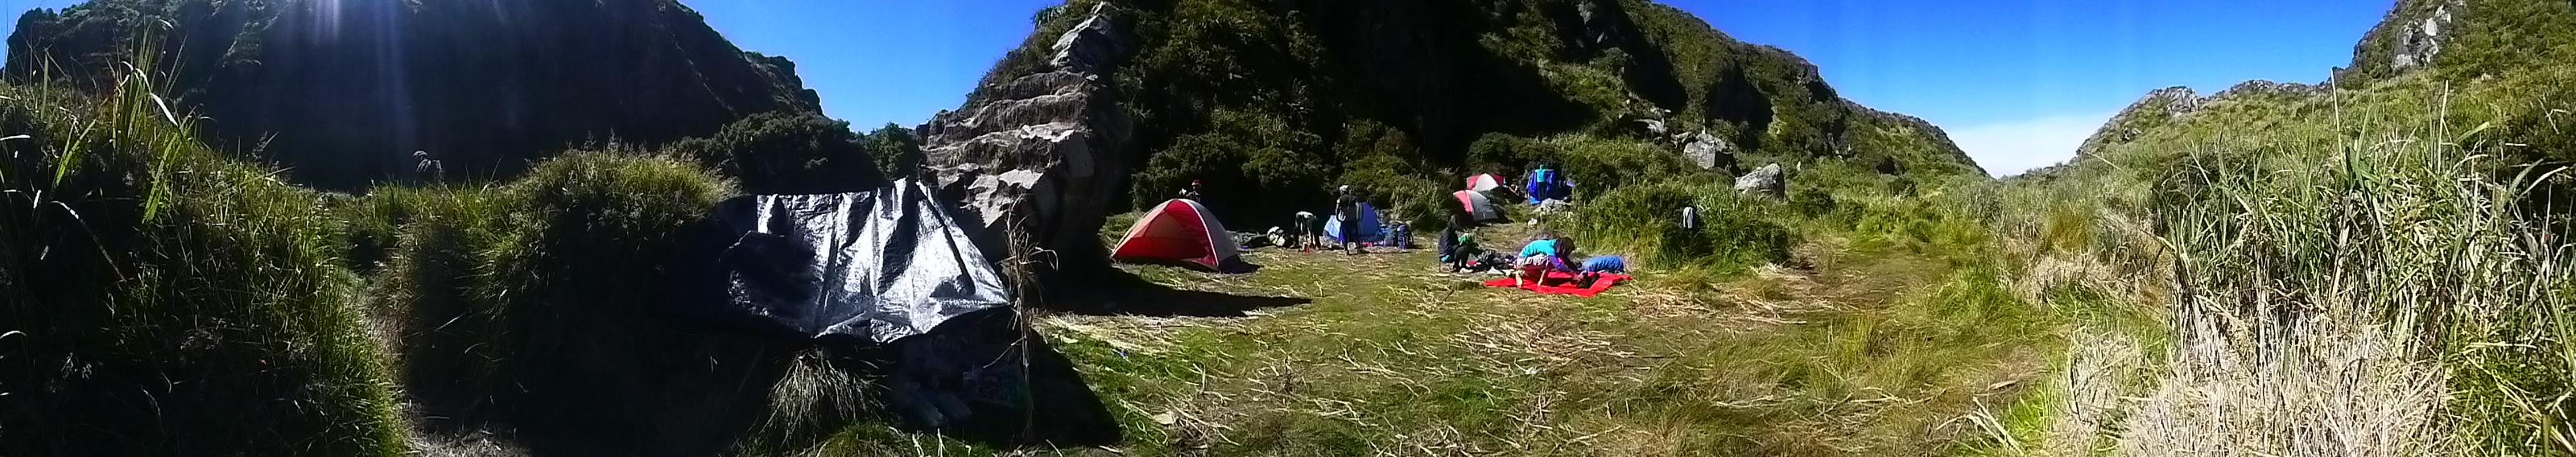 Campsite!